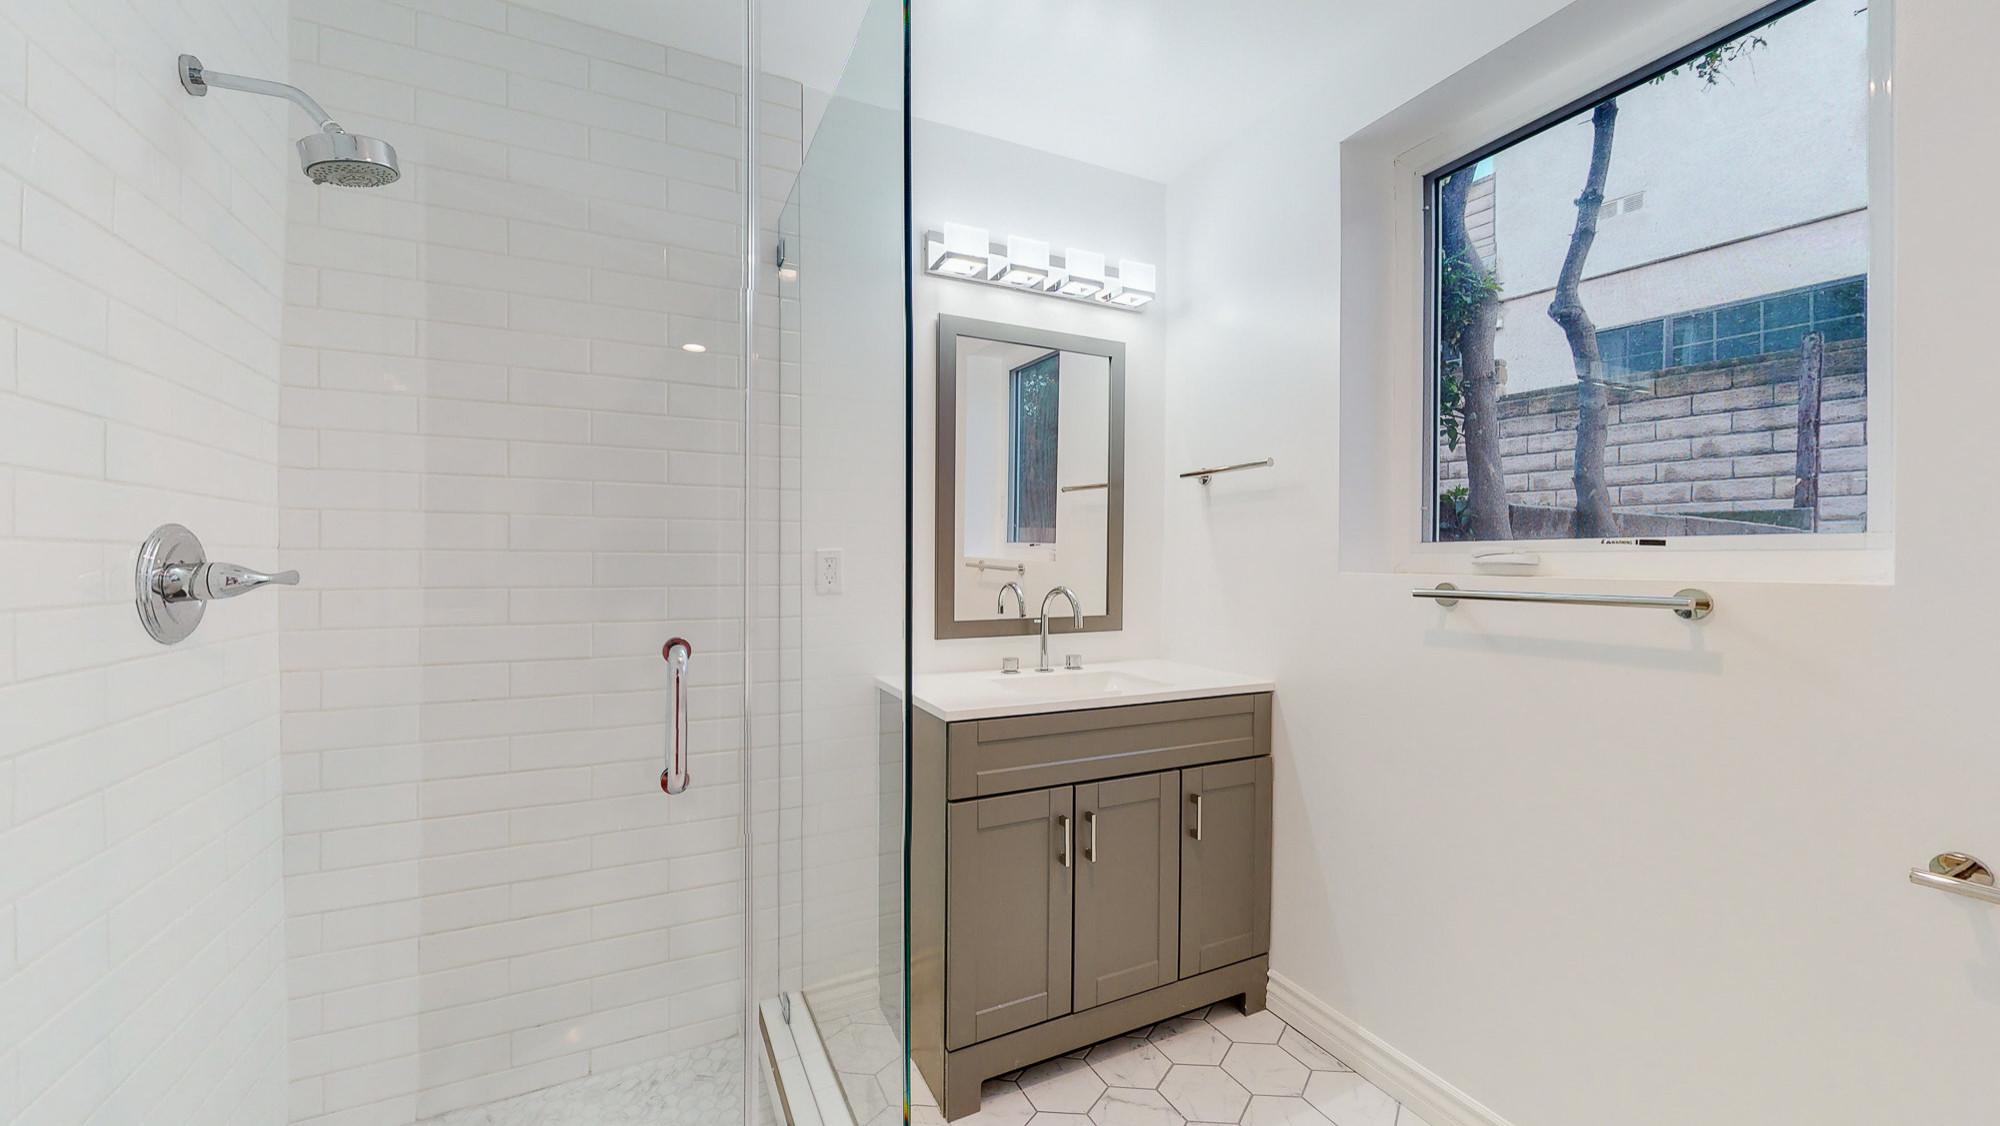 Full Interior Remodel studio ADU bathroom